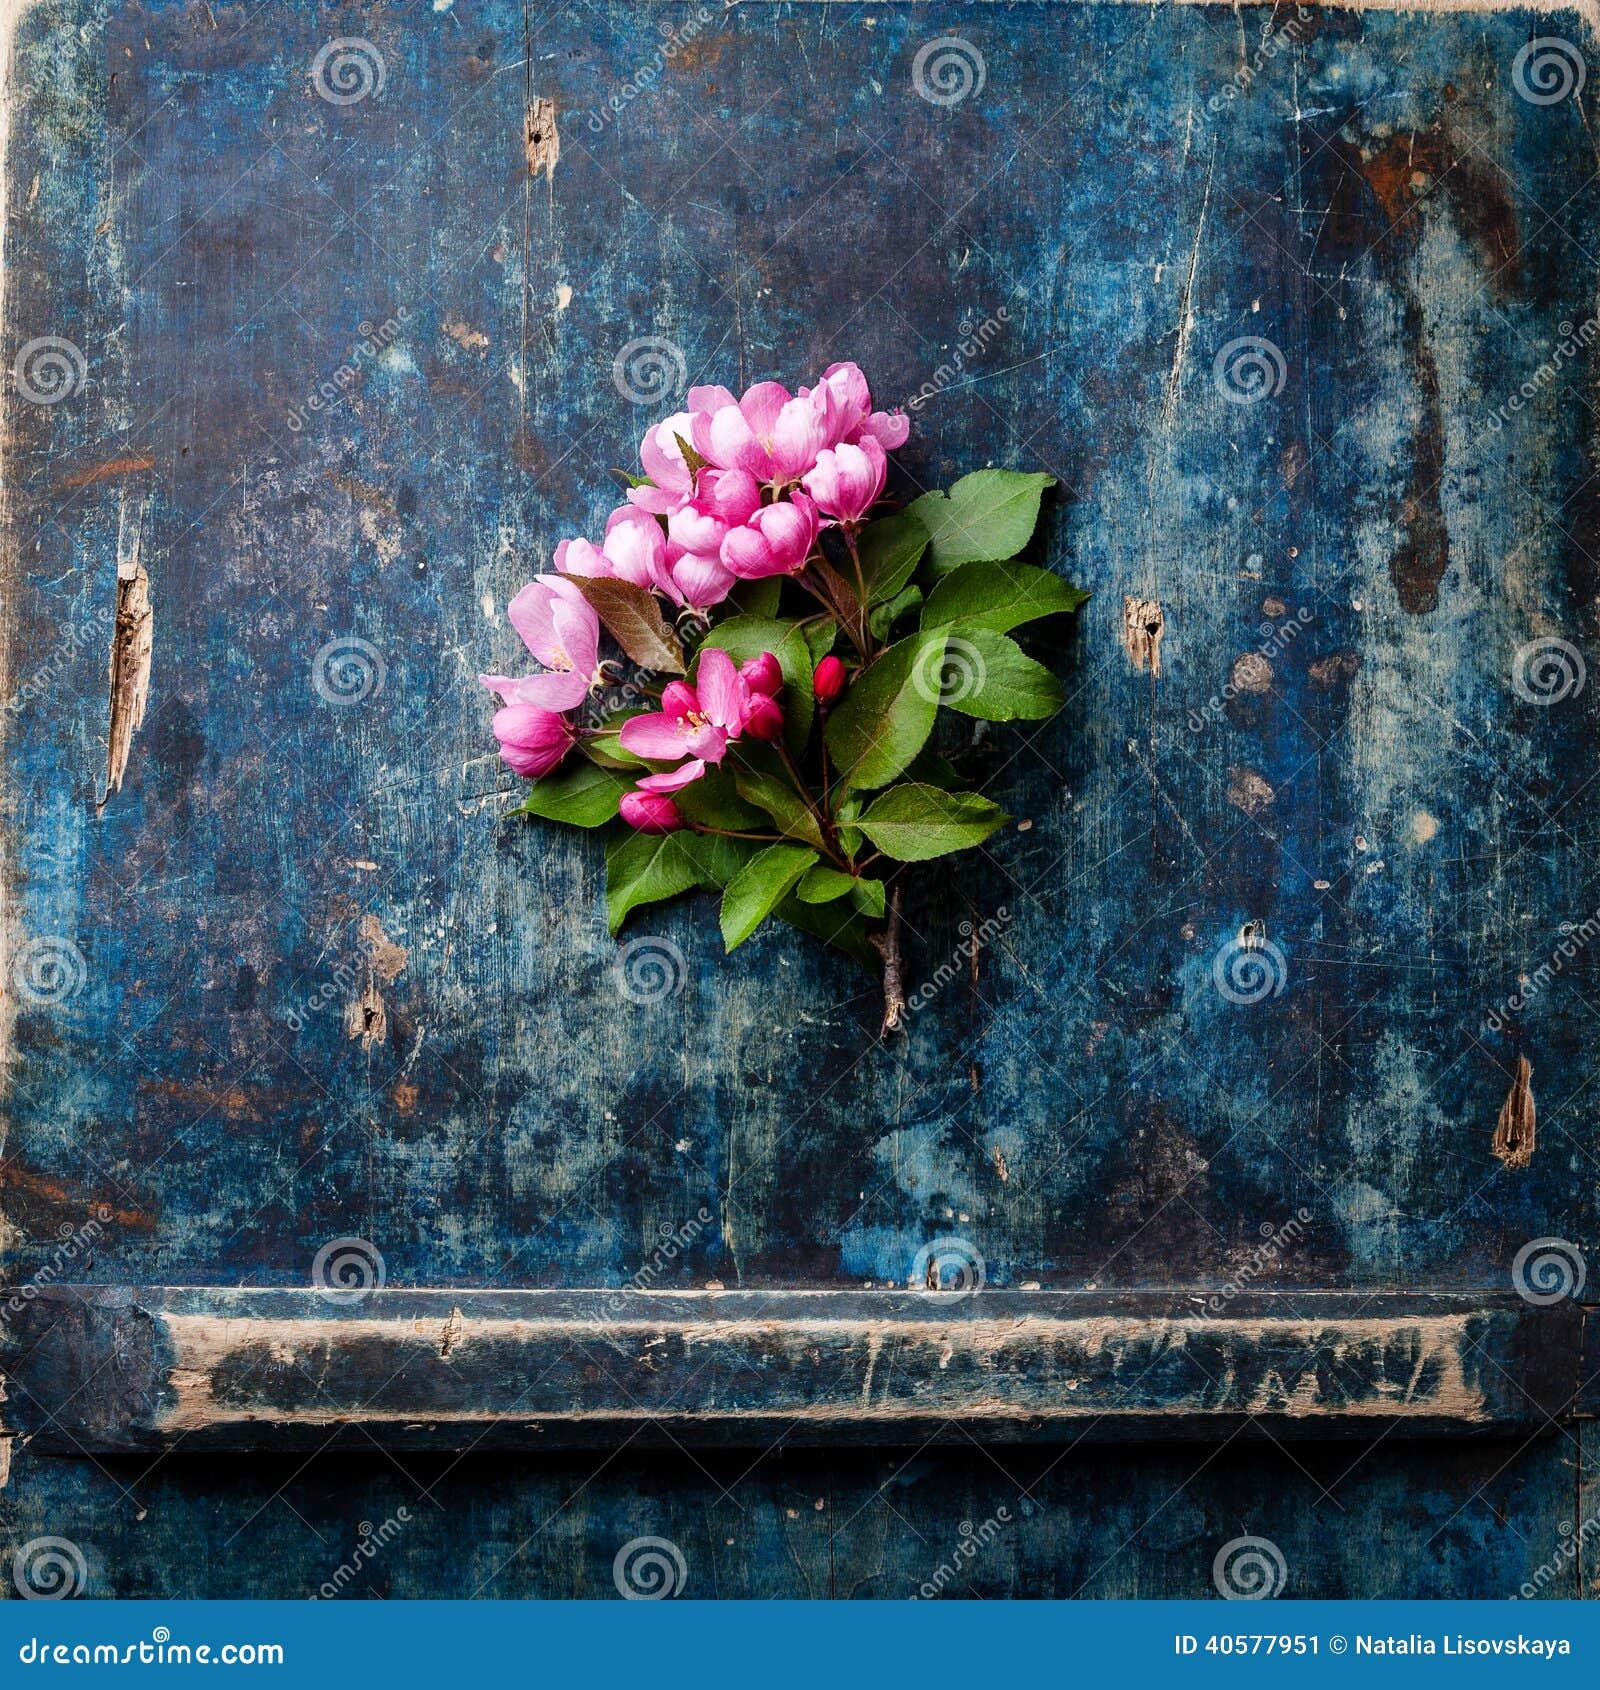 Blossoming ветвь розовой яблони